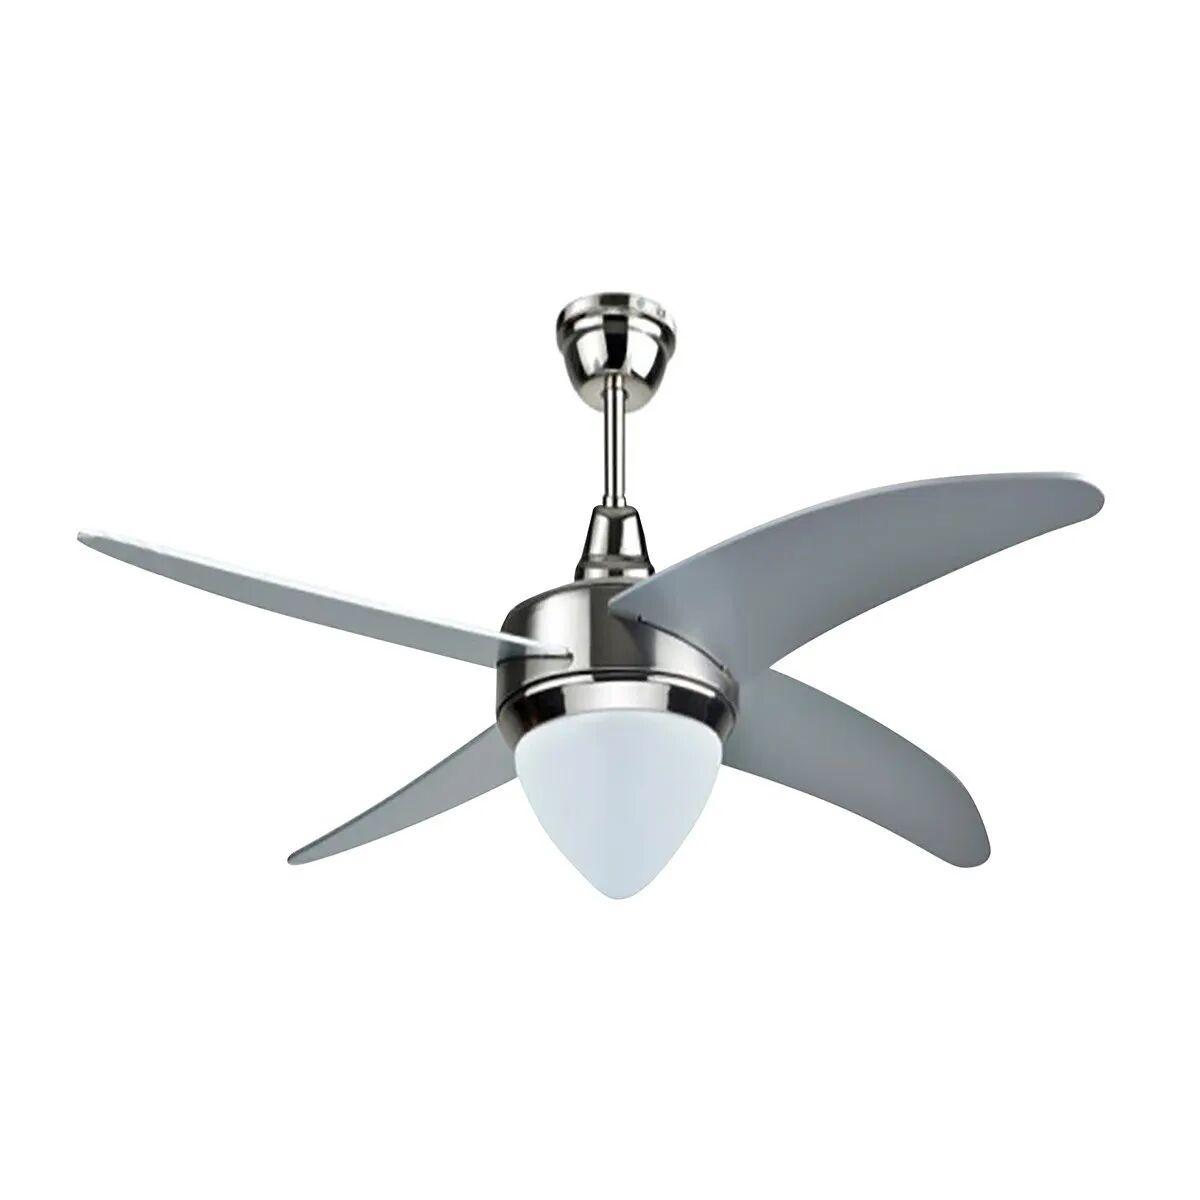 ventilatore da soffitto Ø 122 cm 4 pale silver con telecomando e luce funzione reversibilita